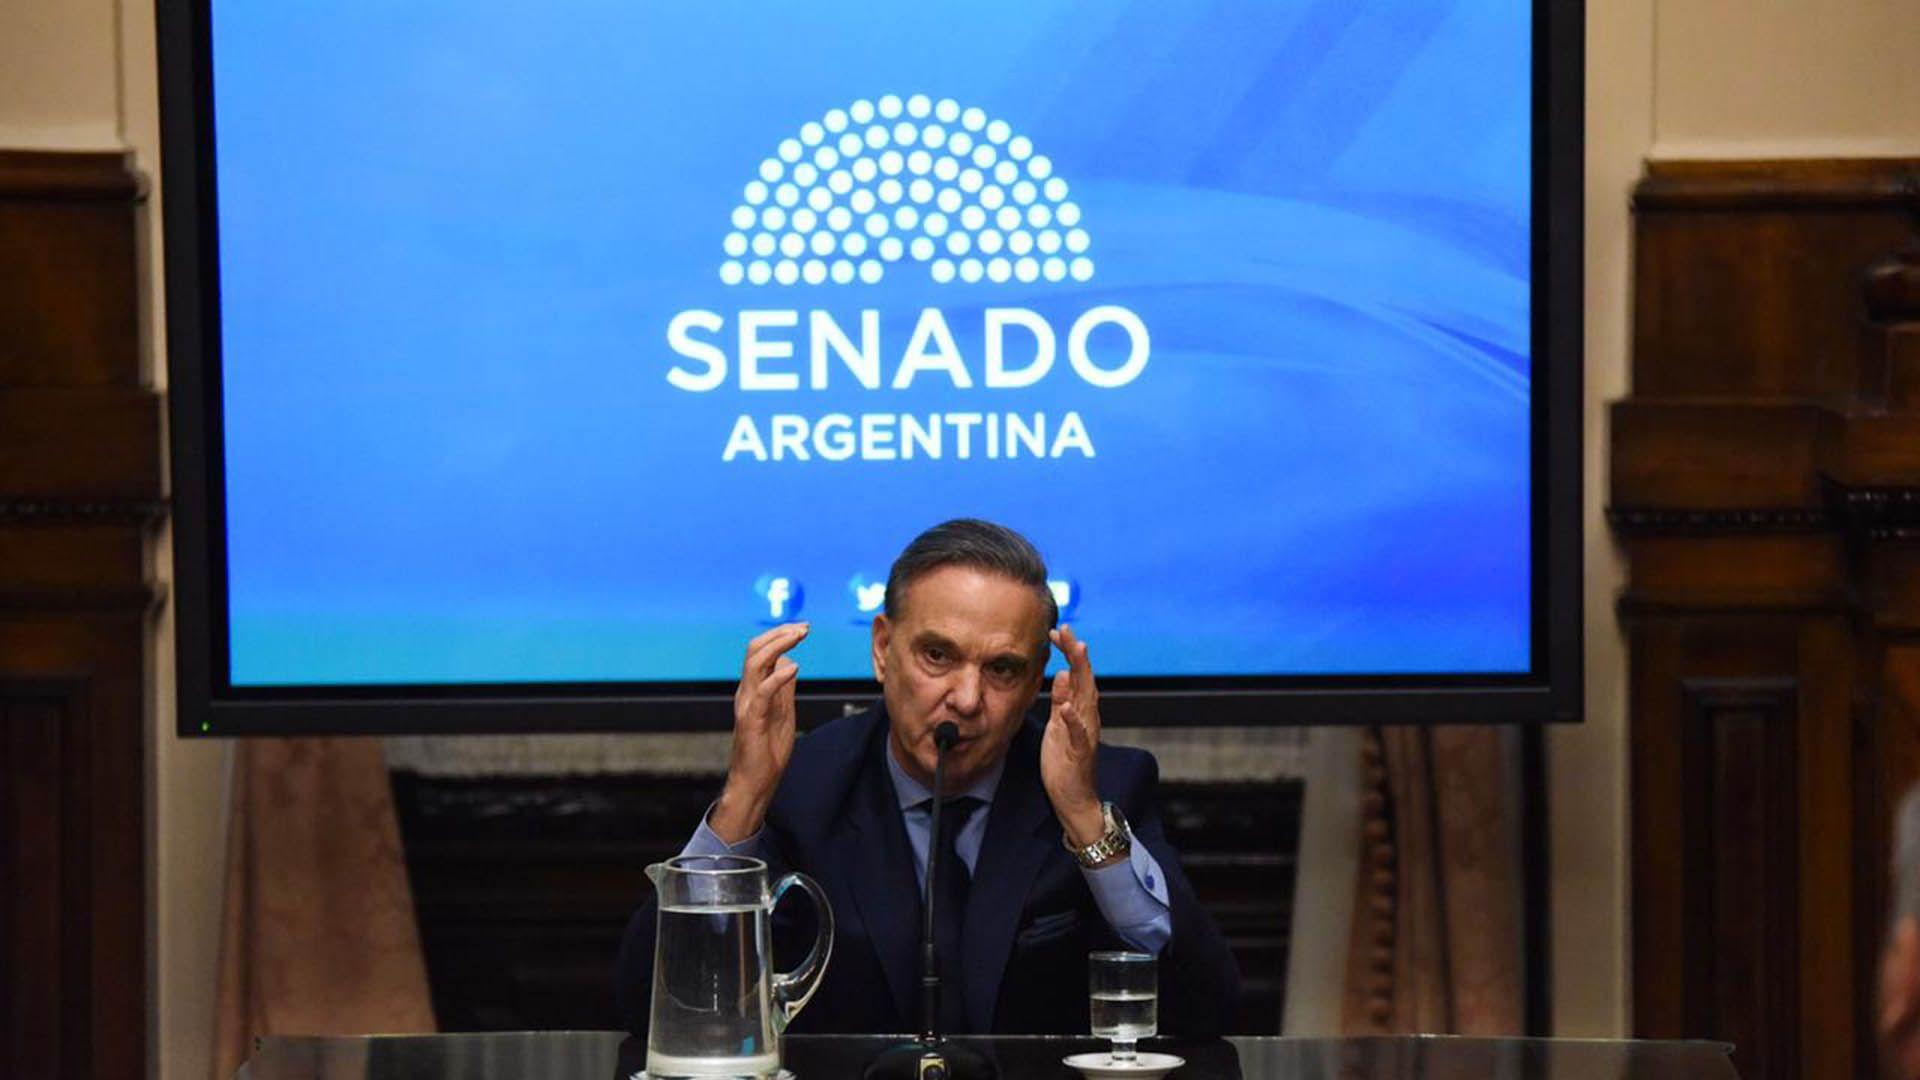 Miguel Ángel Pichetto, el peronista compañero de fórmula presidencial de Mauricio Macri (Julieta Ferrario)